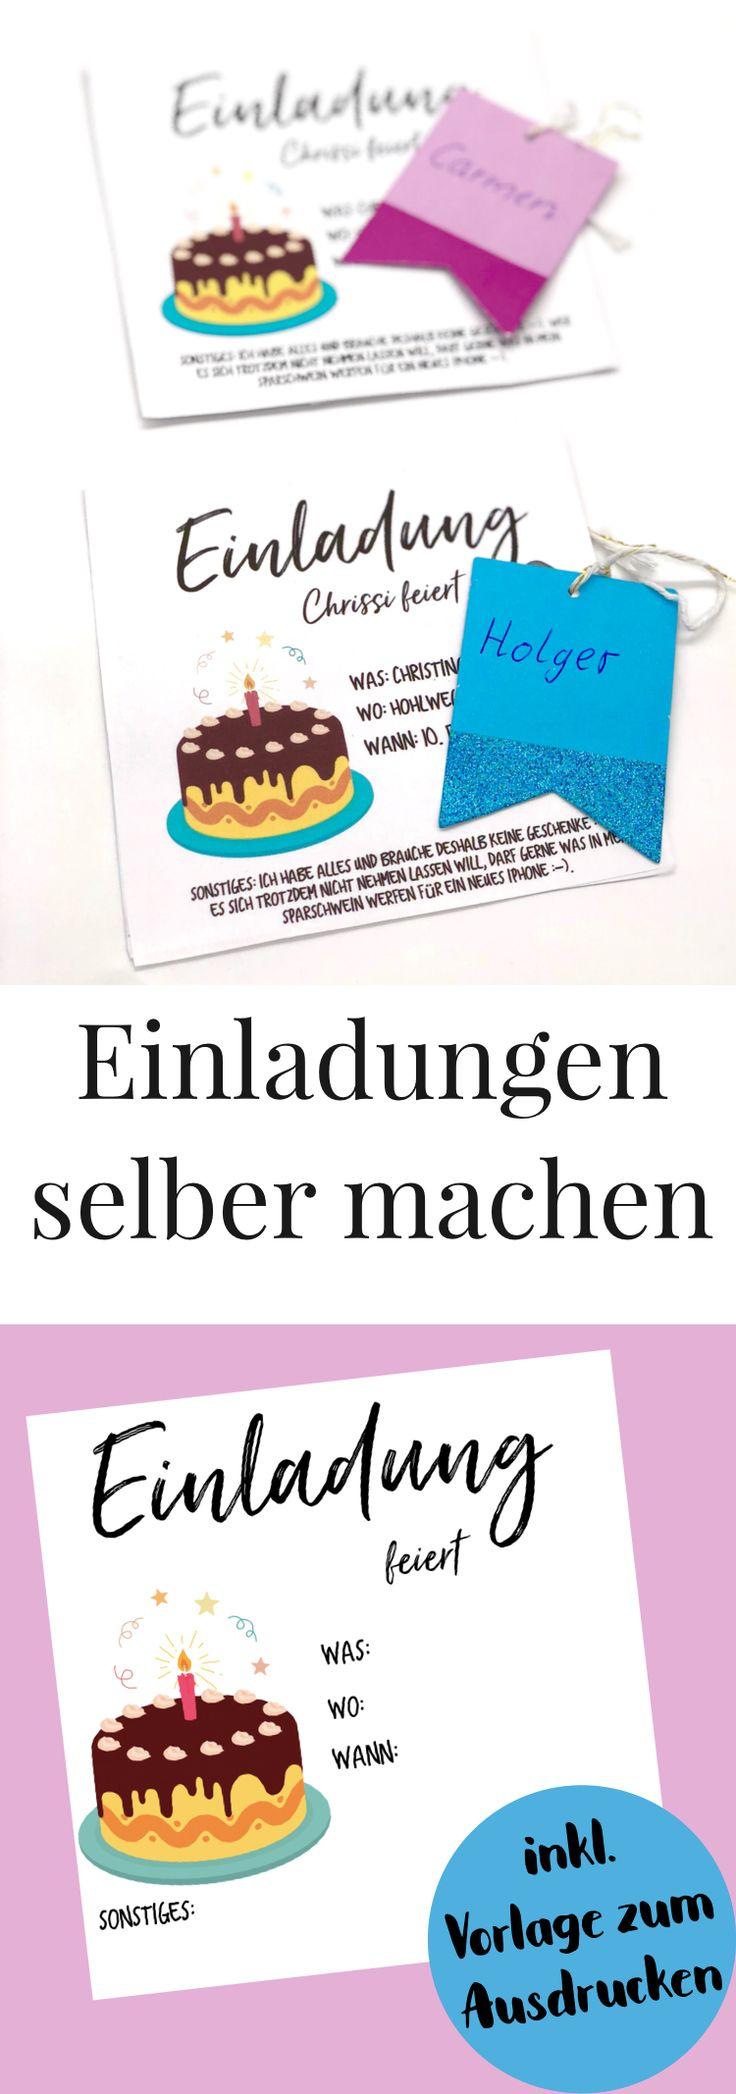 DIY Geburtstagskarte selber machen. So einfach könnt Ihr Euch Einladungskarten selbst gestalten. Mit kostenloser Vorlage zum Ausdrucken. Einladungen zum Geburtstag selber machen, schnell und einfach basteln mit Free Printable.